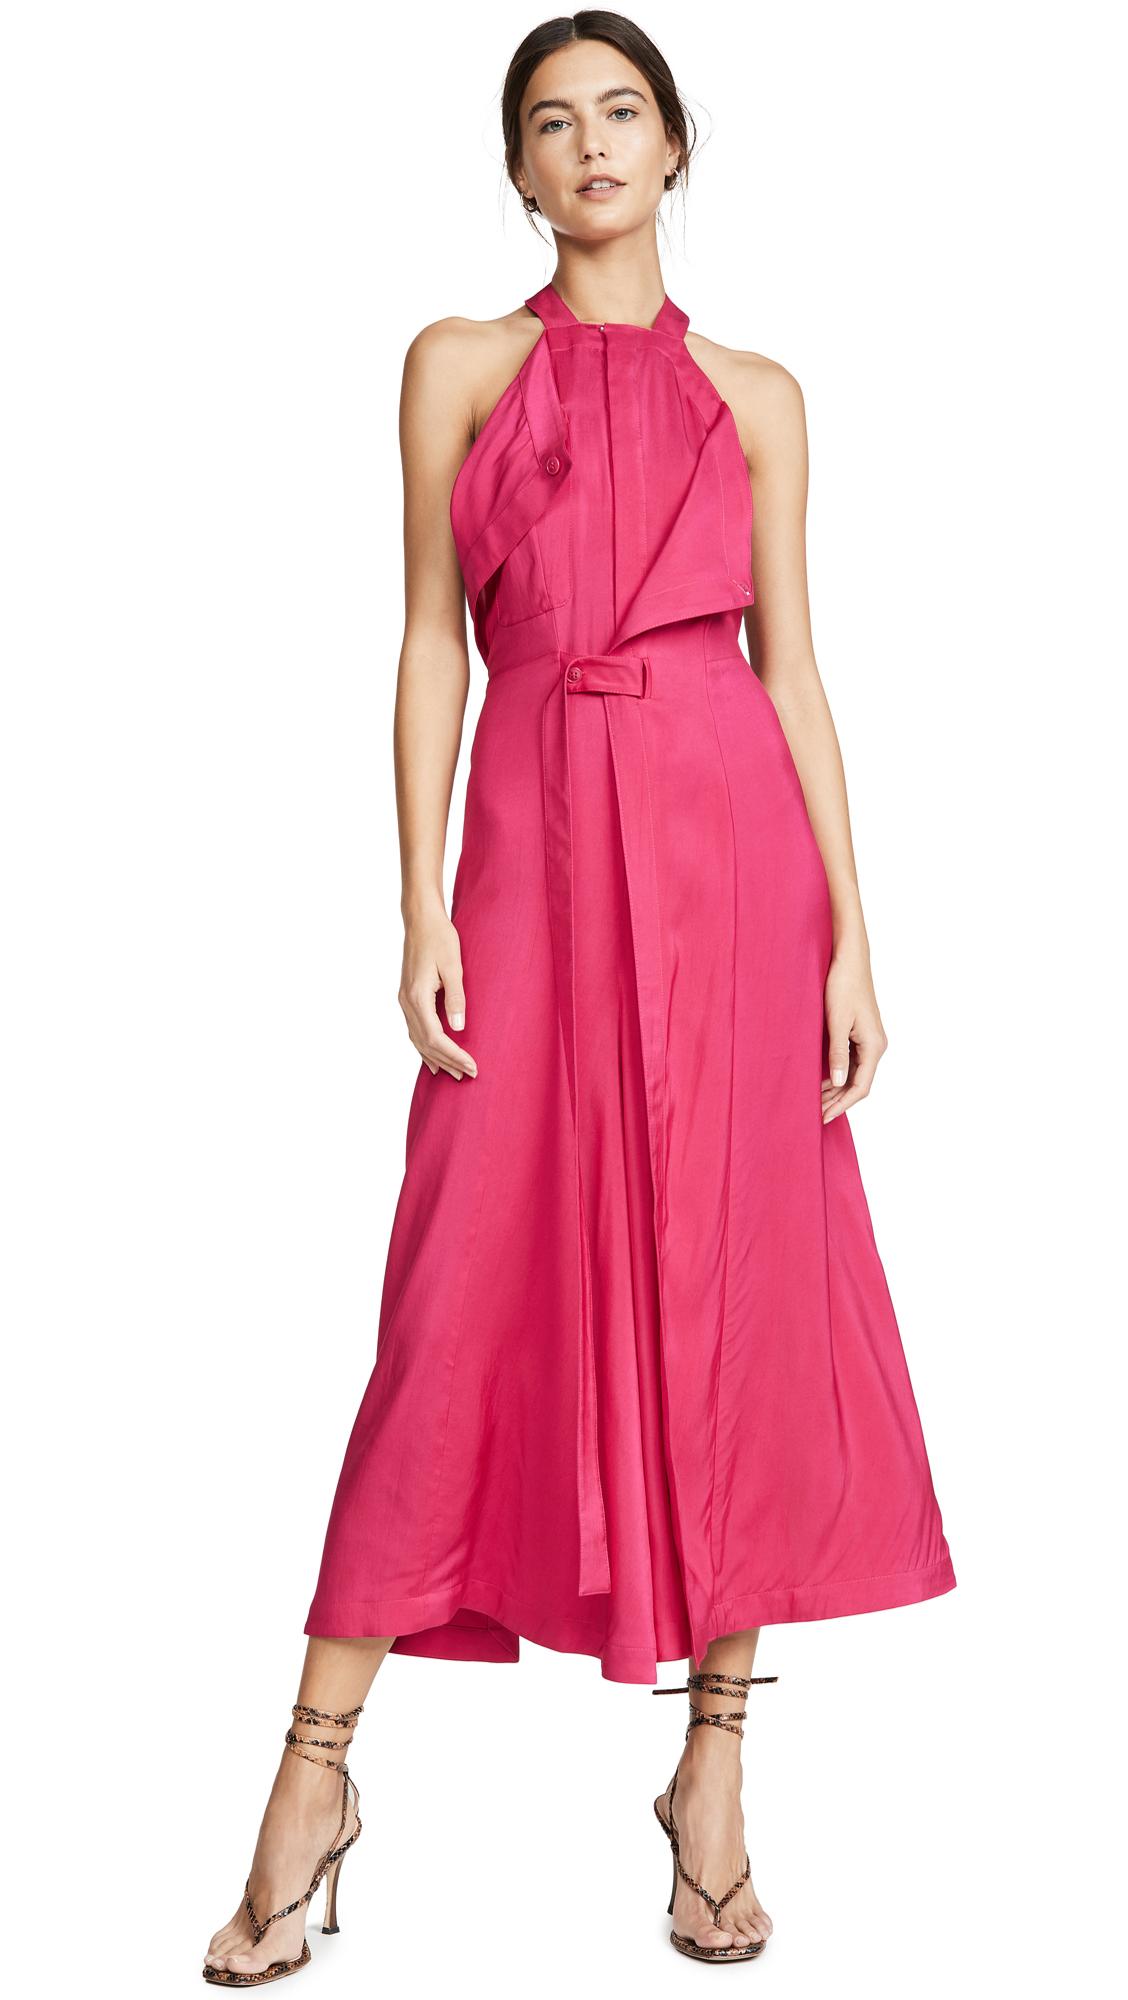 Jacquemus Marco Dress - 30% Off Sale